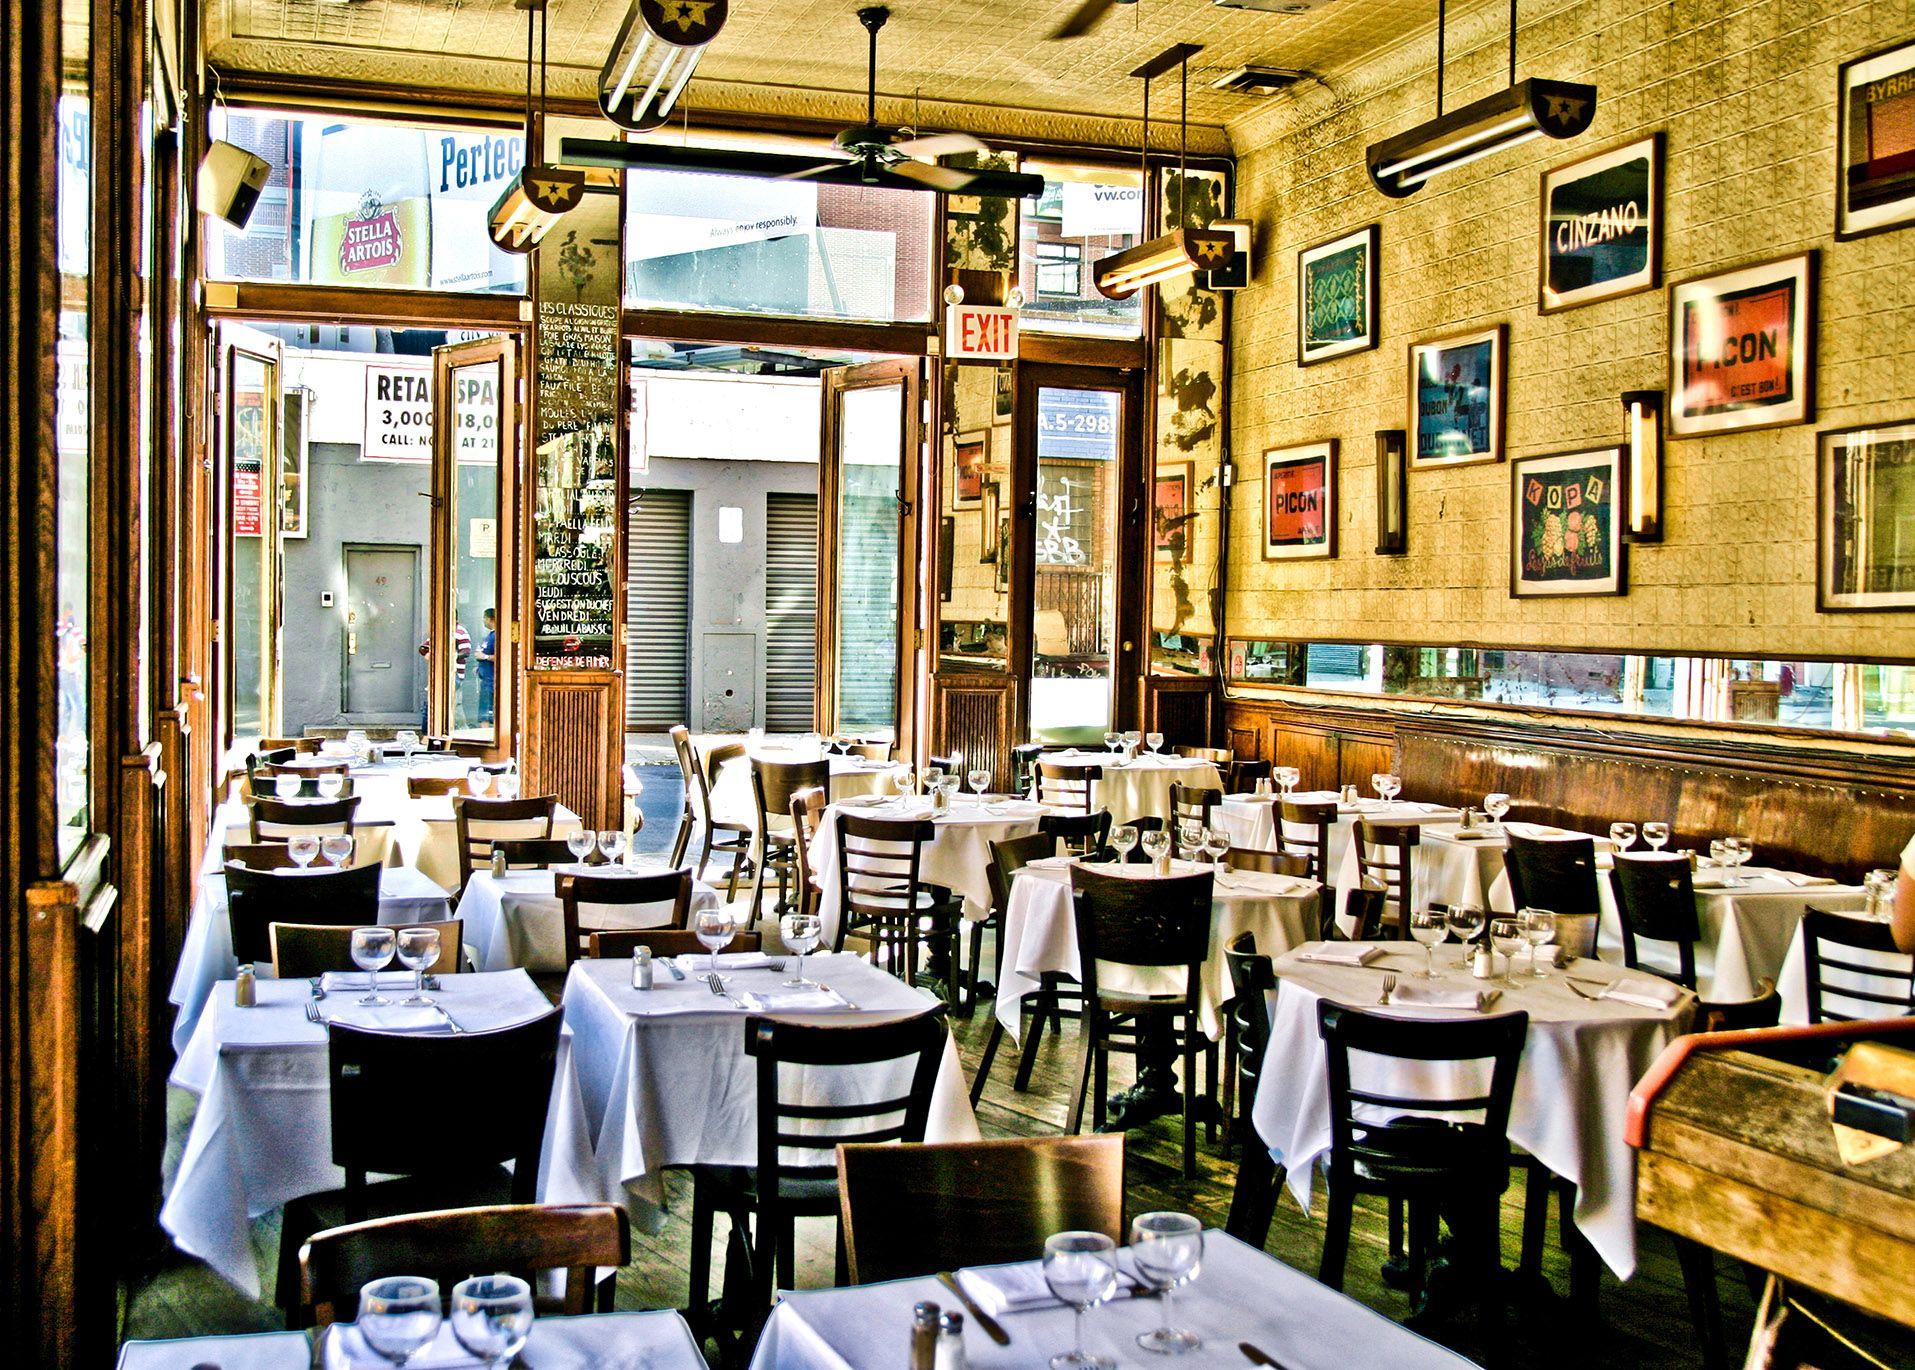 Cafe Interior copy.jpg